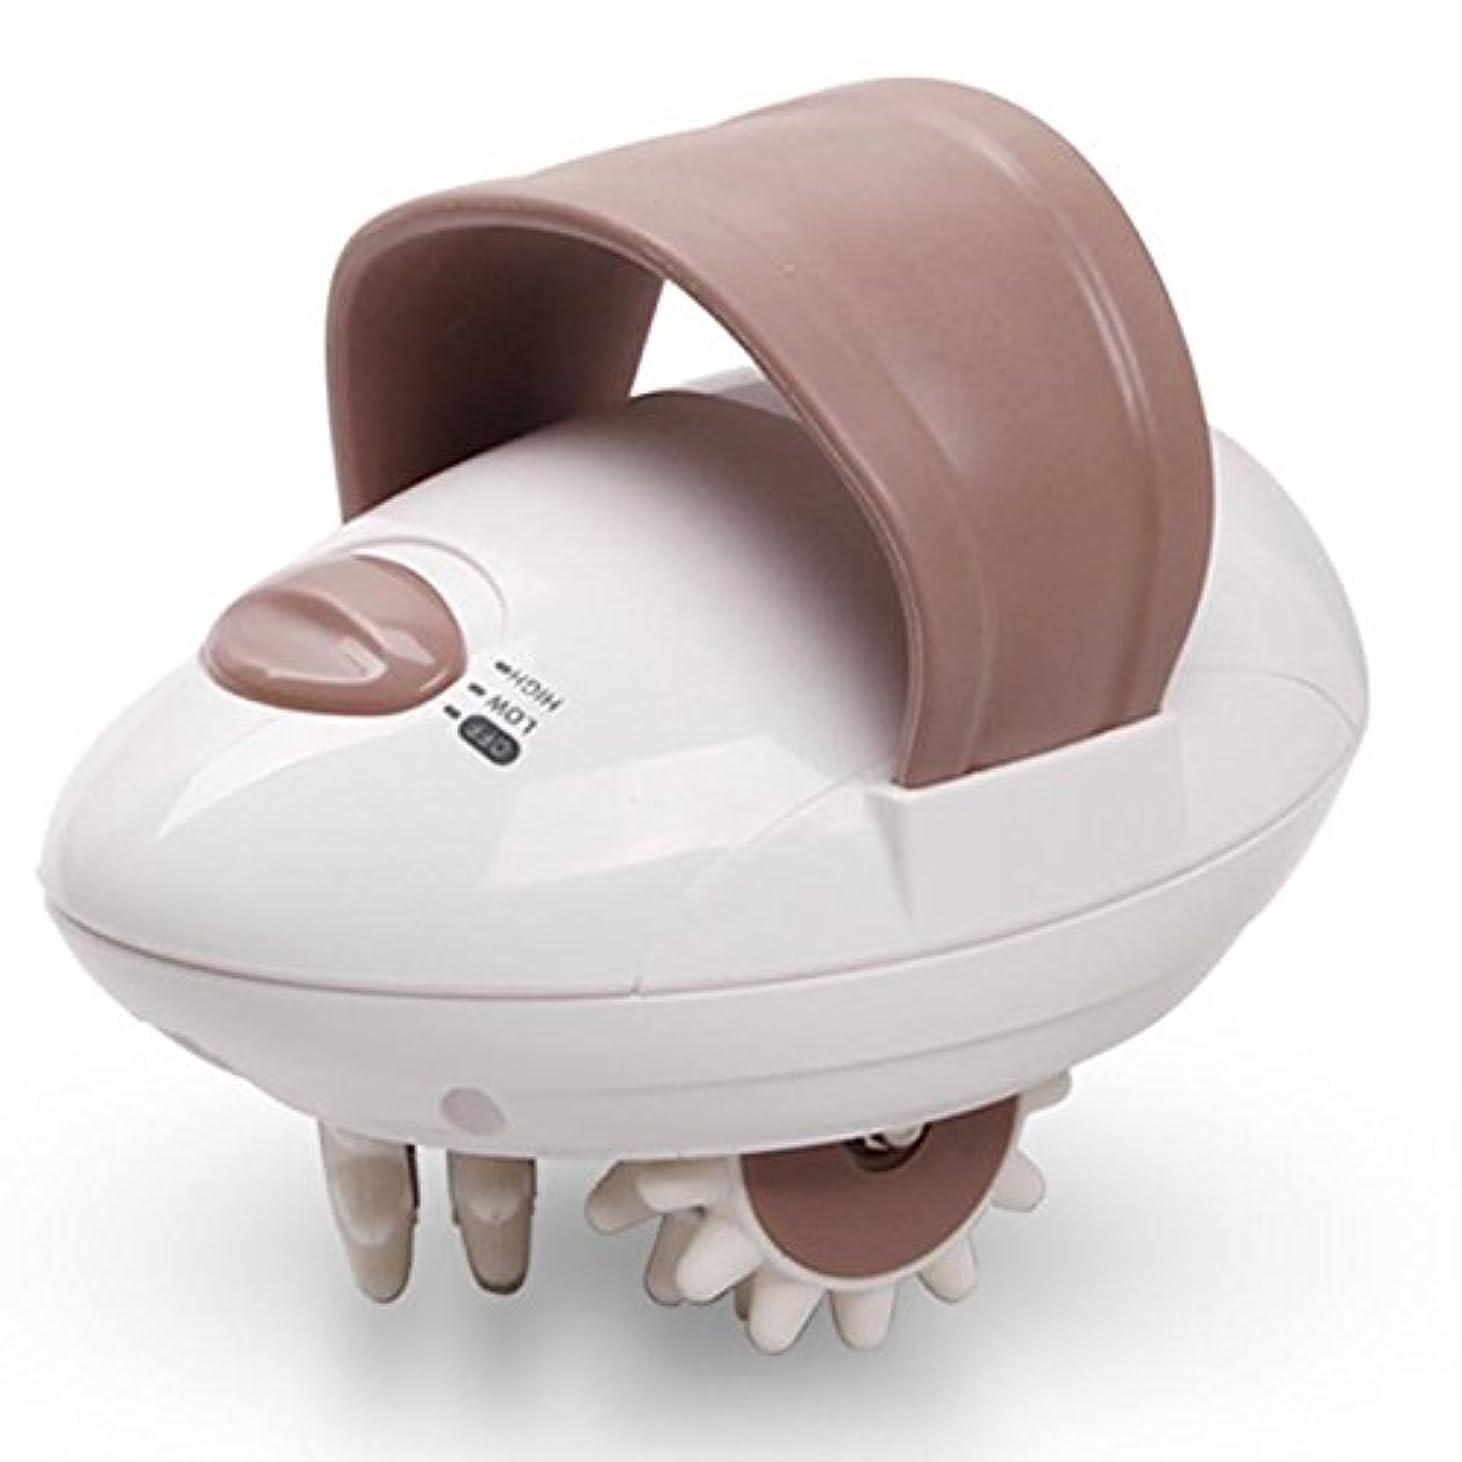 安心させるおばあさんサーバントLiebeye マッサージ 減量 脂肪燃焼 電動フルボディマッサージローラー セルライトマッサージ スマートデバイス テンションを解放